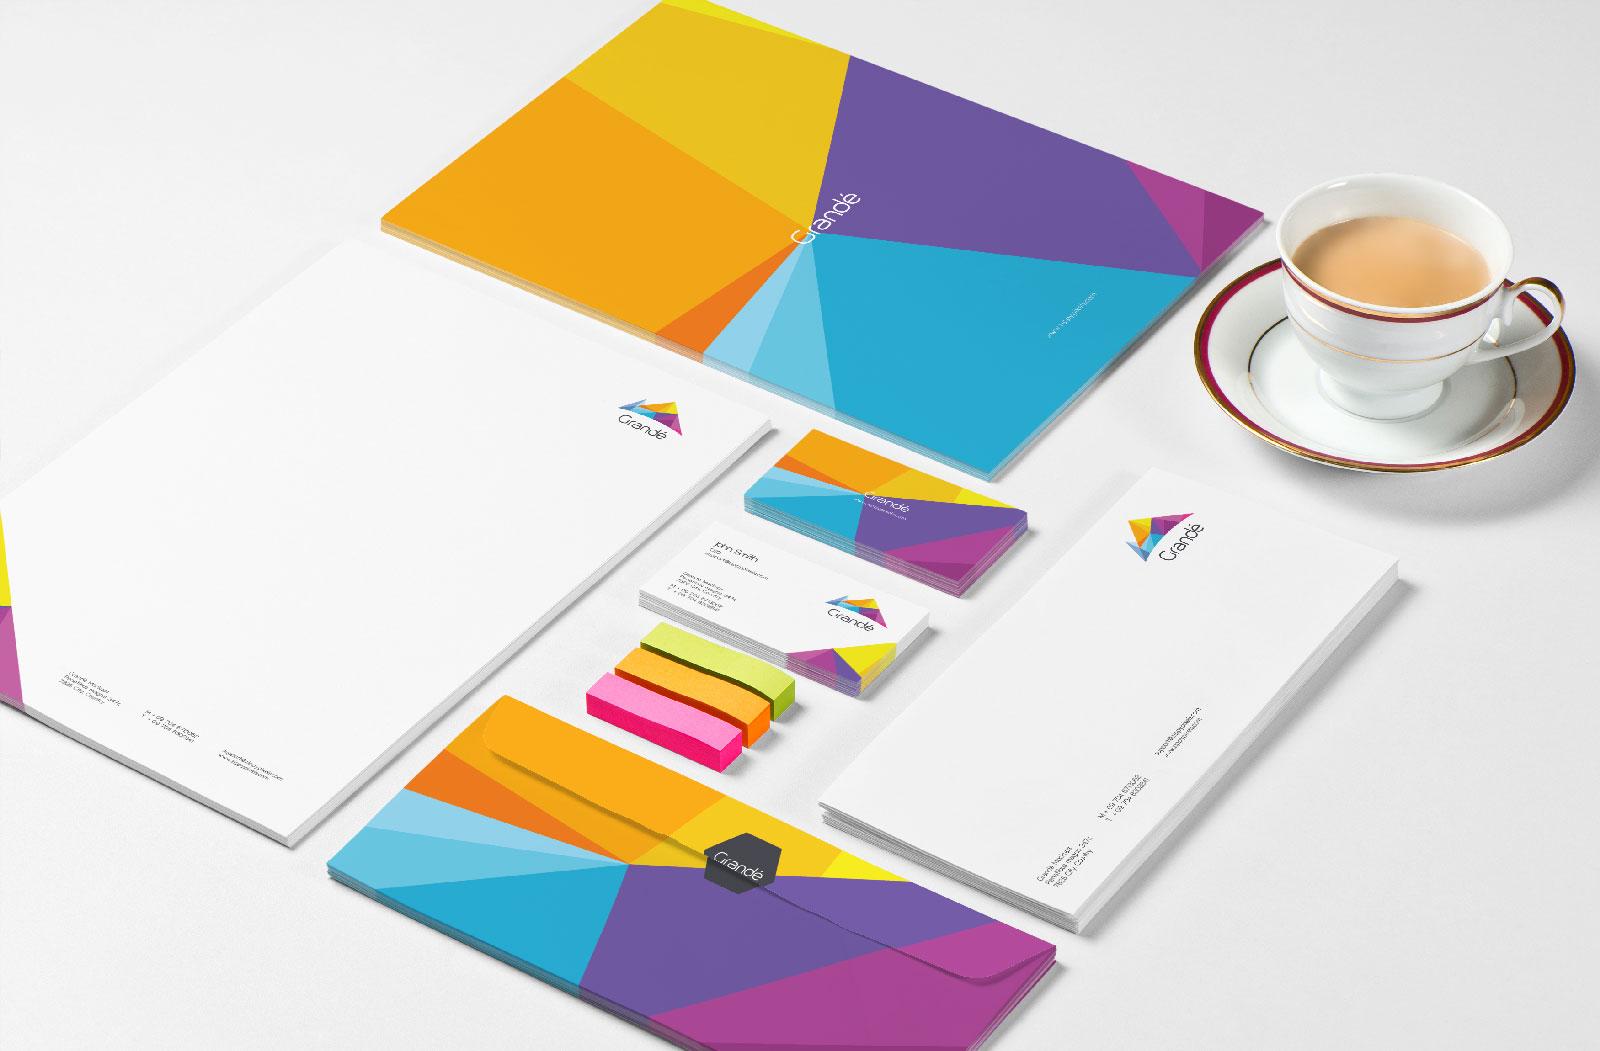 услуги бизнес полиграфия типография